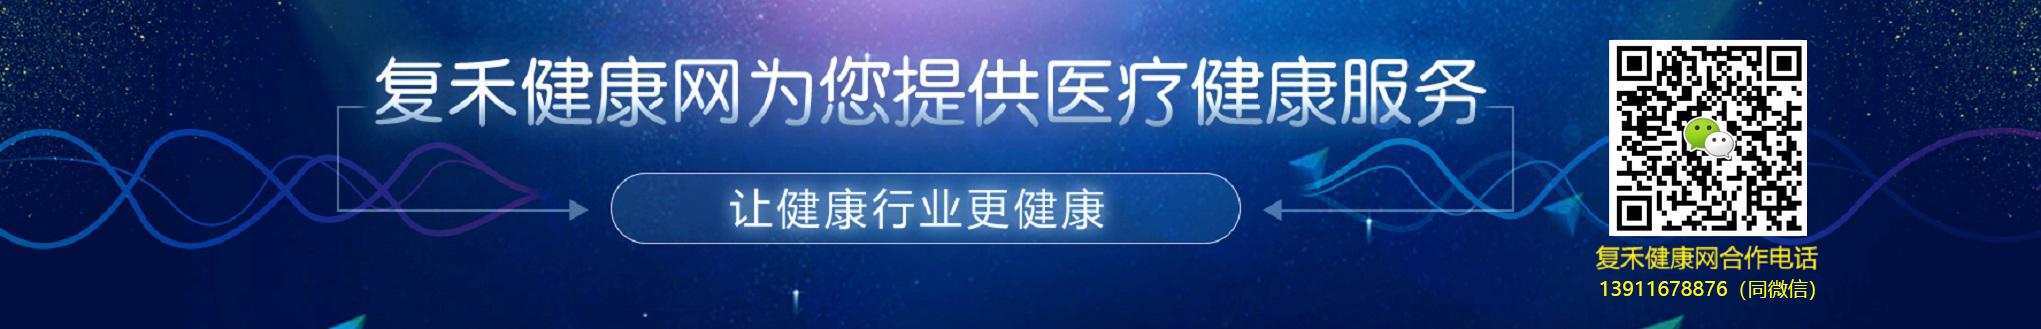 南京新世纪中医院精神疾病康复中心